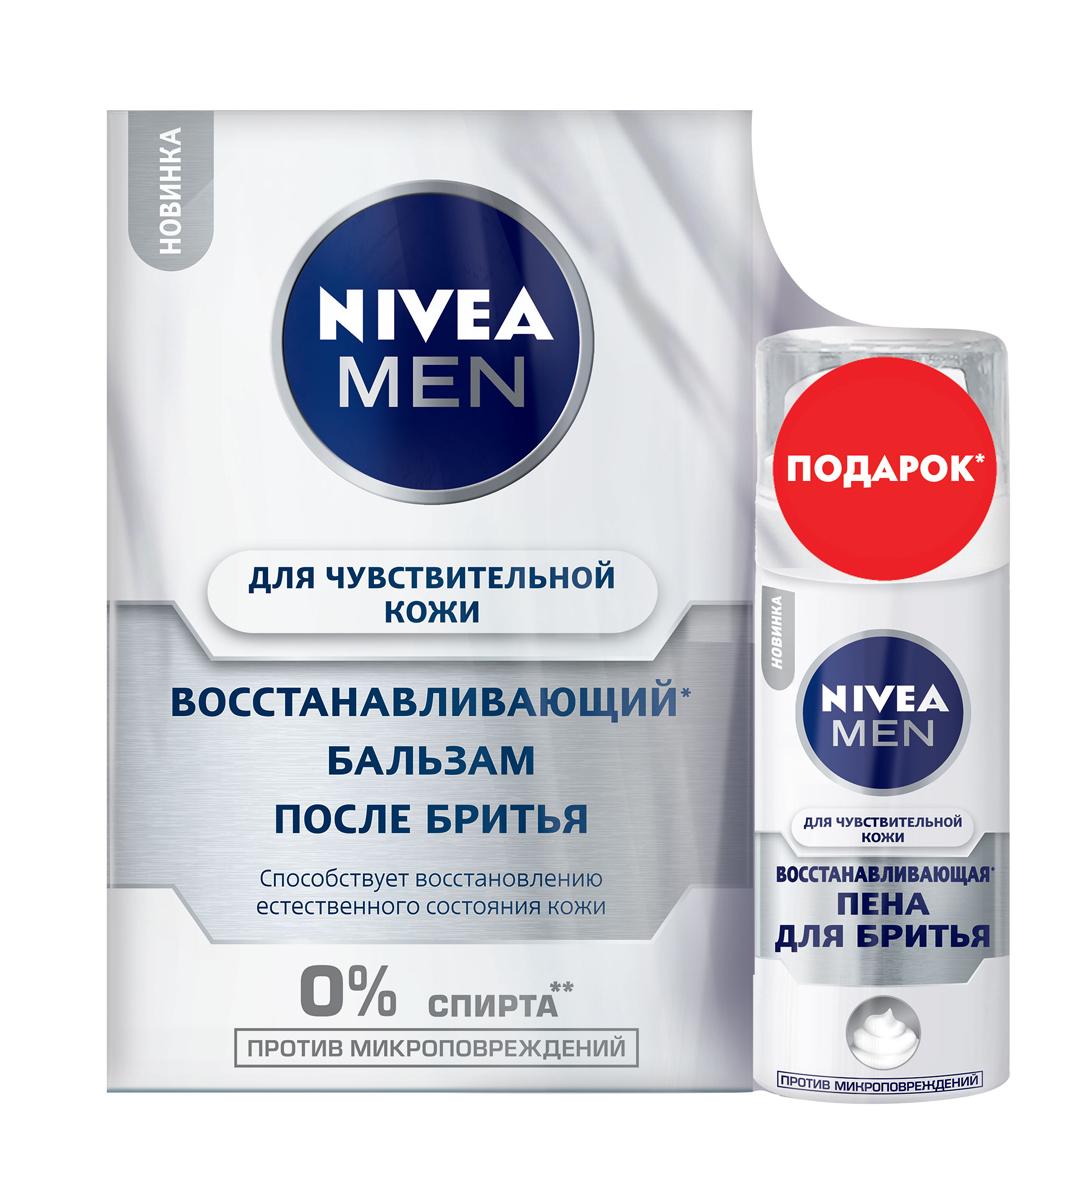 Nivea Бальзам после бритья Восстанавливающий, 100 мл+Мини пена Восстанавливающая, 35мл1004560983Бальзам после бритья быстро восстанавливает микроповреждения кожи. Ромашка Обладает сильным заживляющим и успокаивающим свойством. Солодка Ликохалкон А» является основным ингредиентом экстракта солодки и является самым эффективным противовоспалительным ингредиентом в уходе за кожей. Мини-пена в подарок!